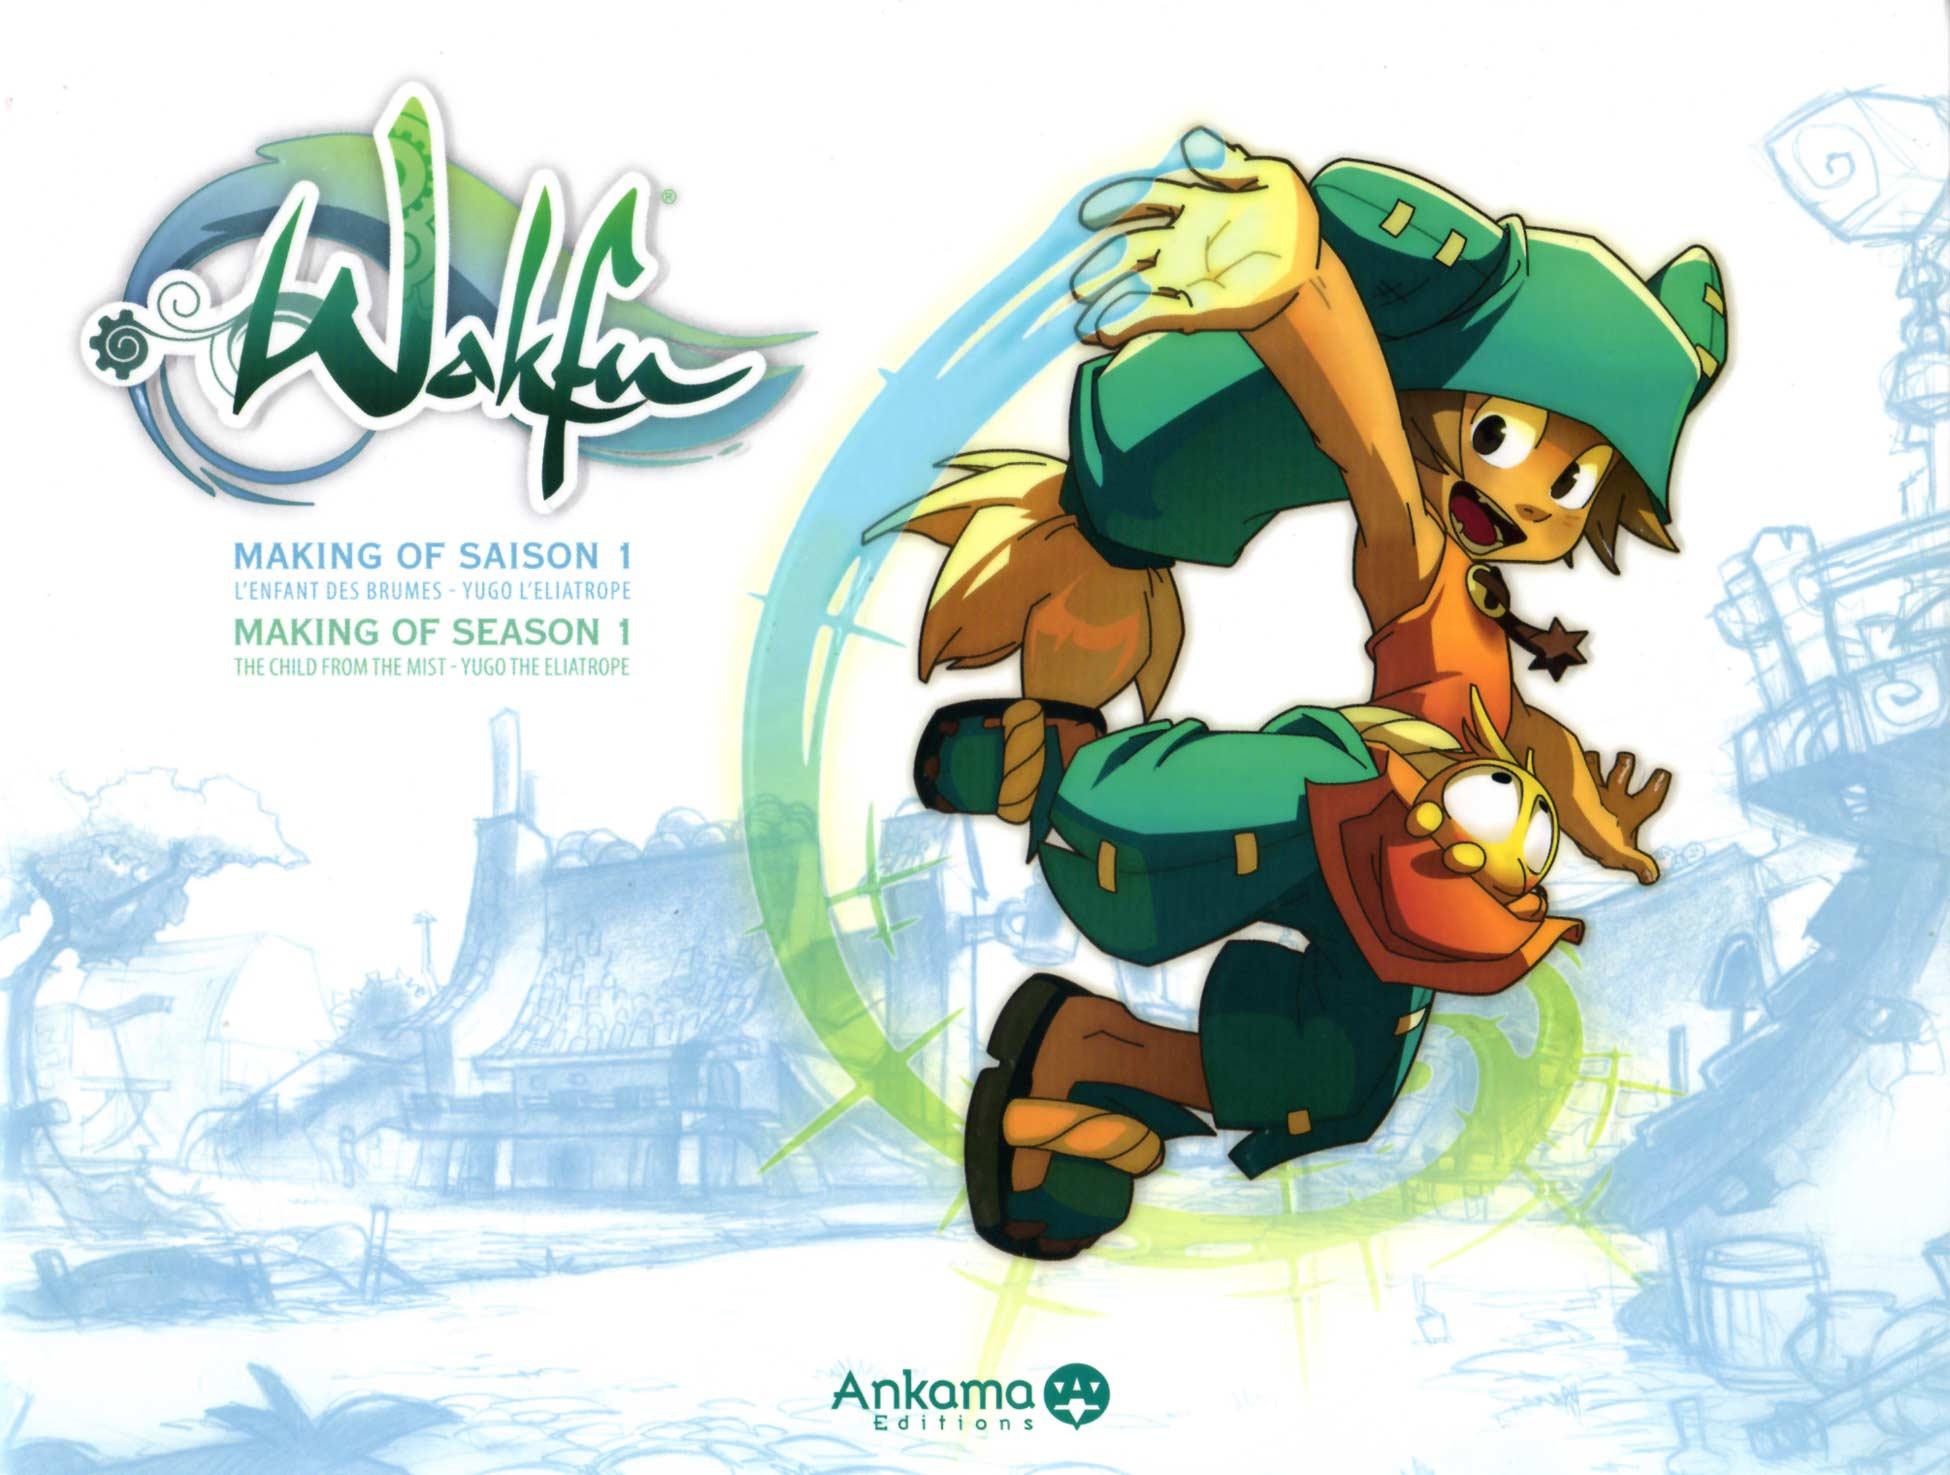 Wakfu Pics, Anime Collection